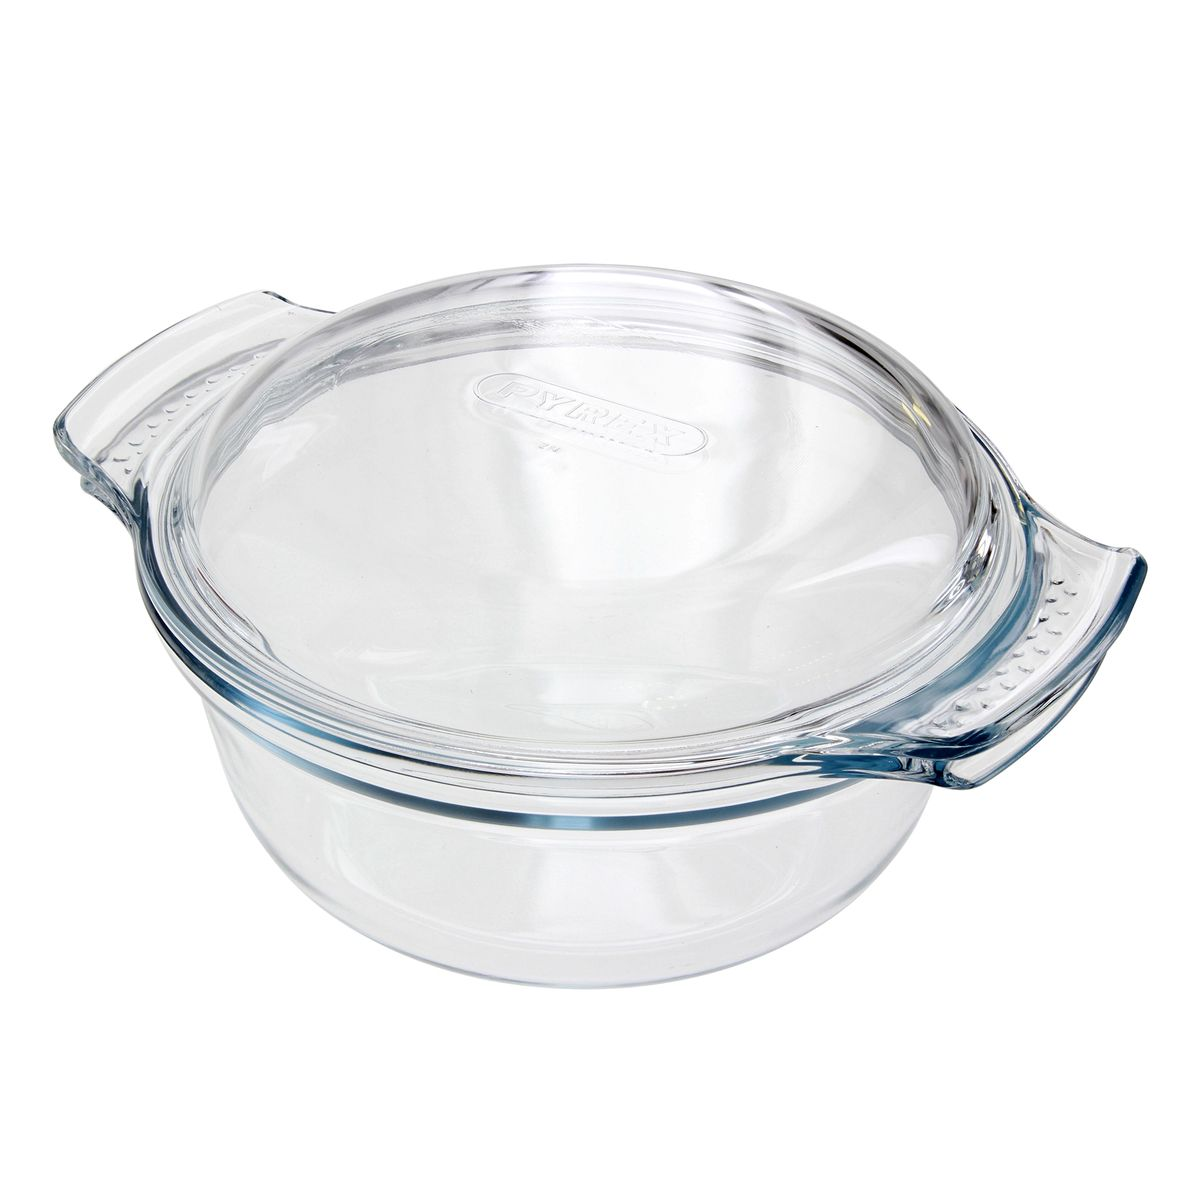 Cocotte ronde 1l4 - Pyrex